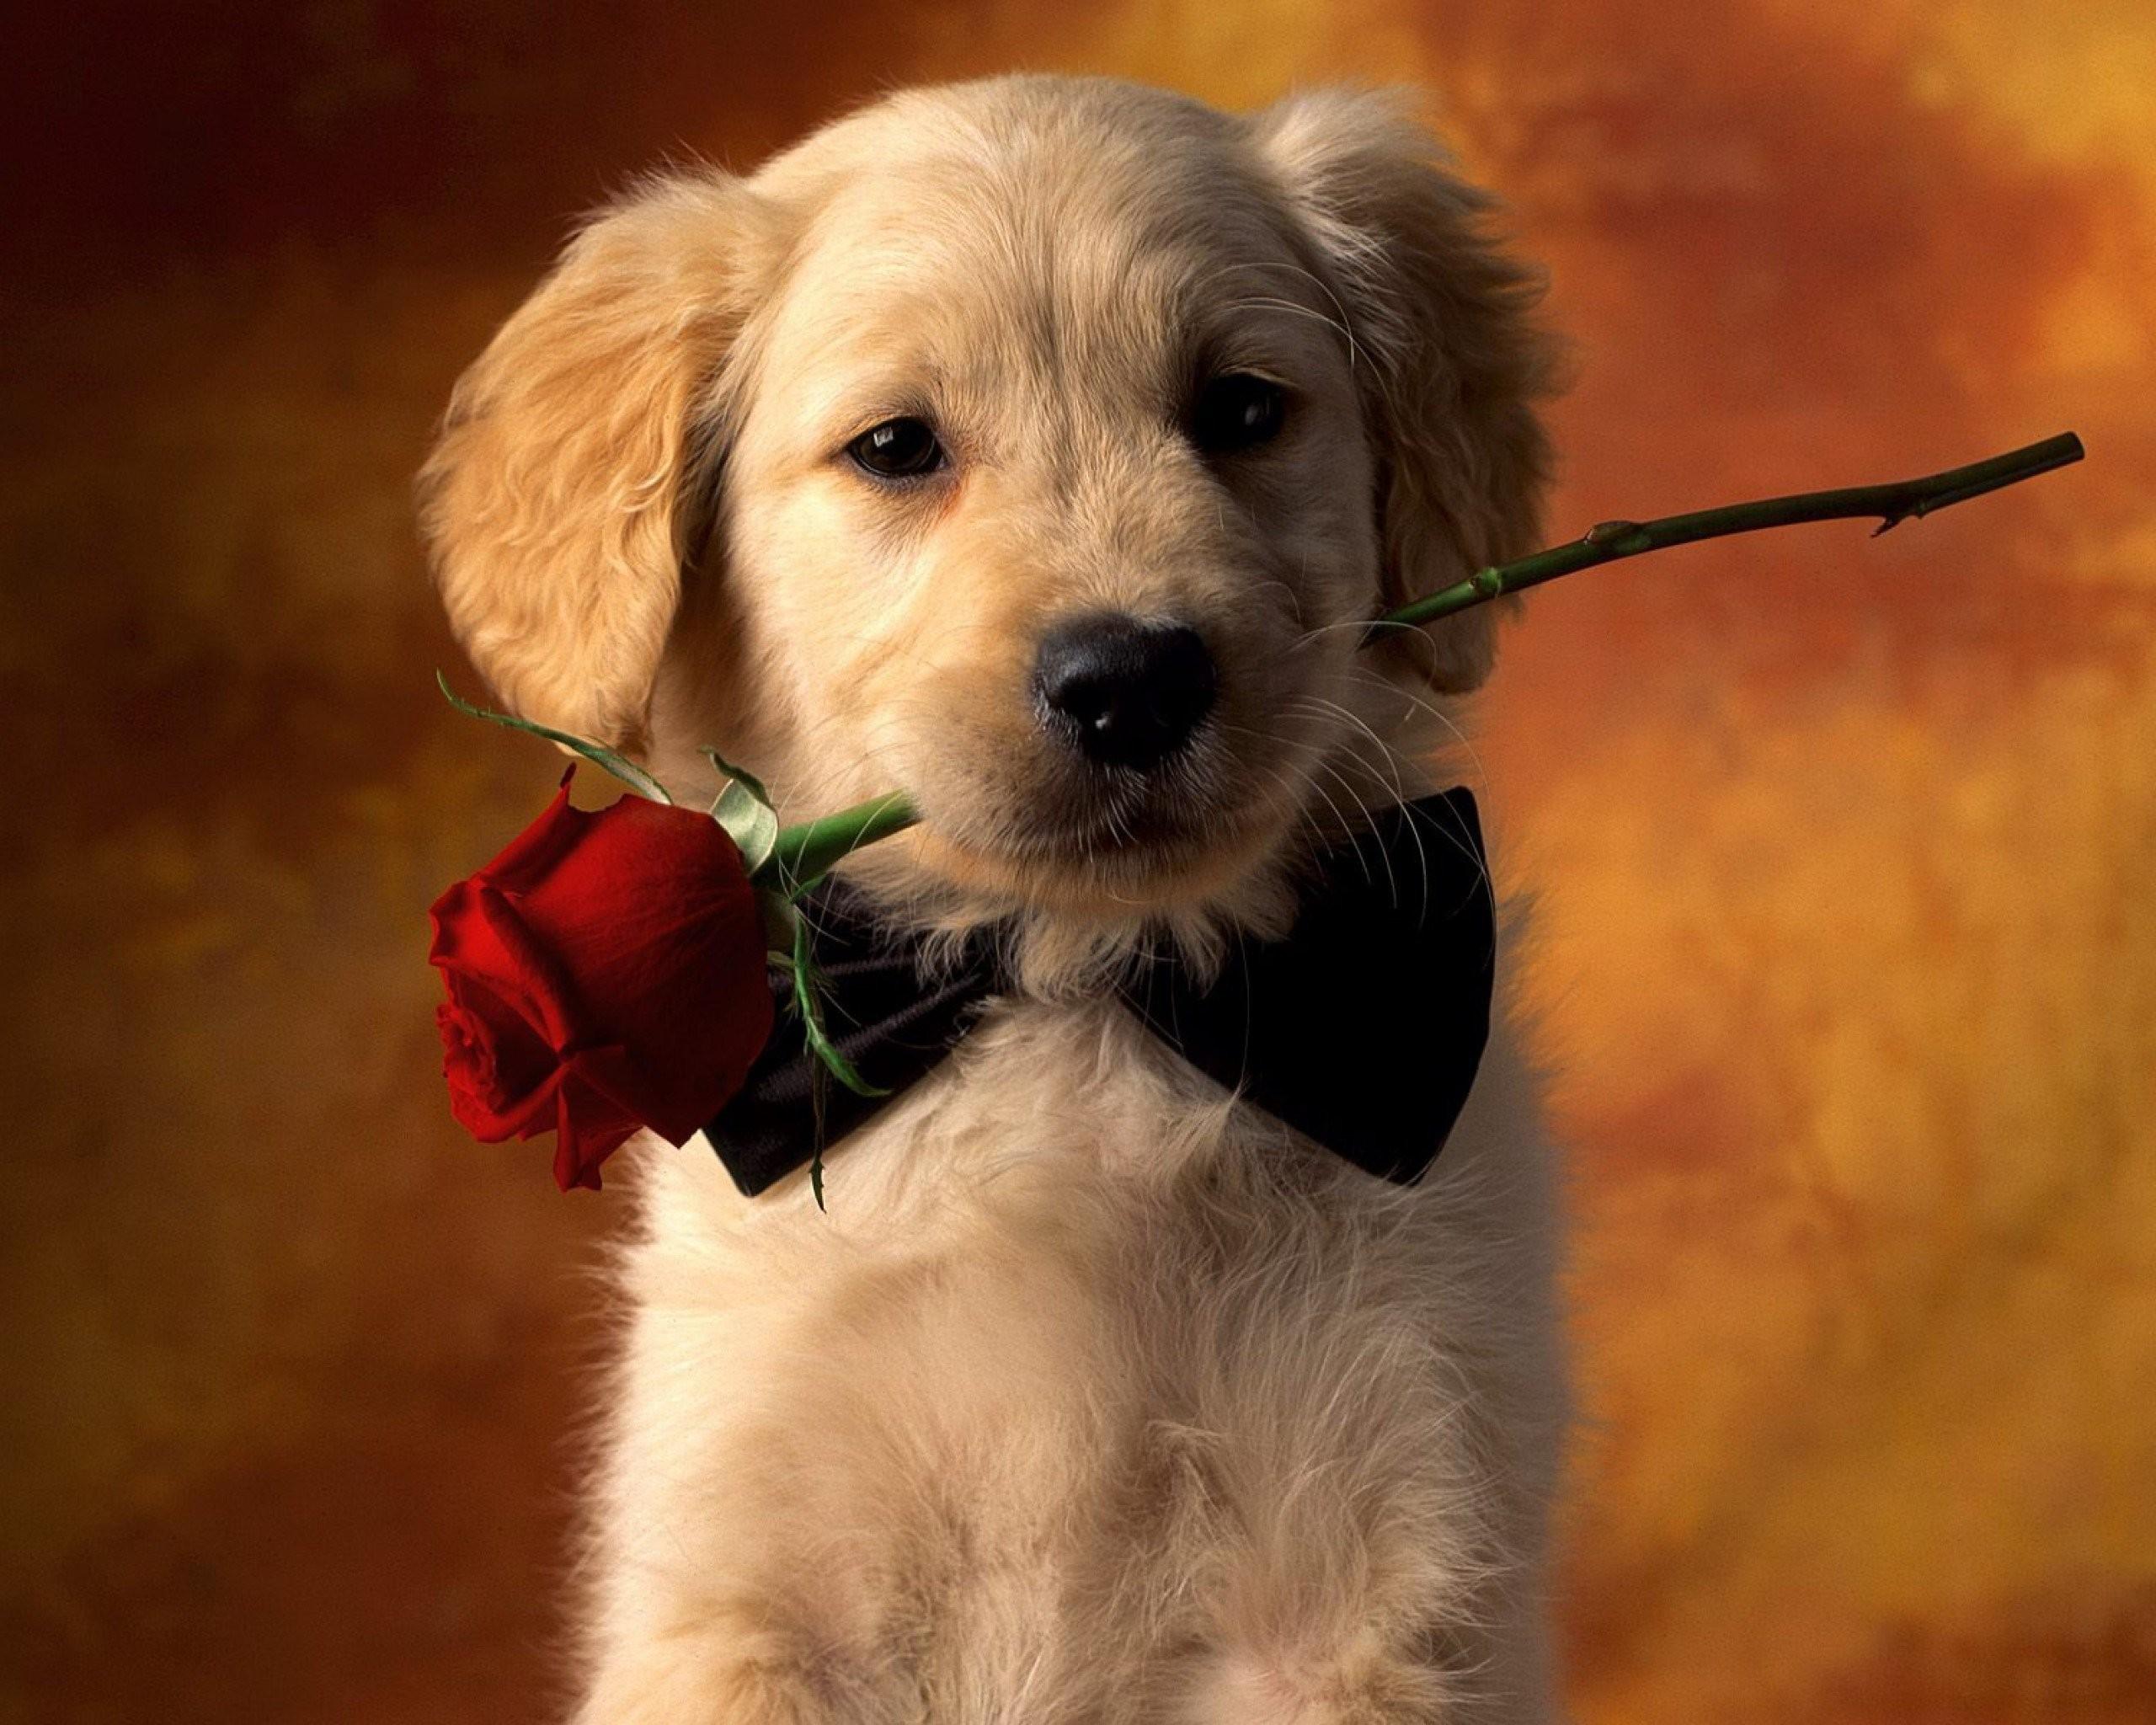 Animal – Dog Red Rose Rose Puppy Pet Animal Cute Wallpaper